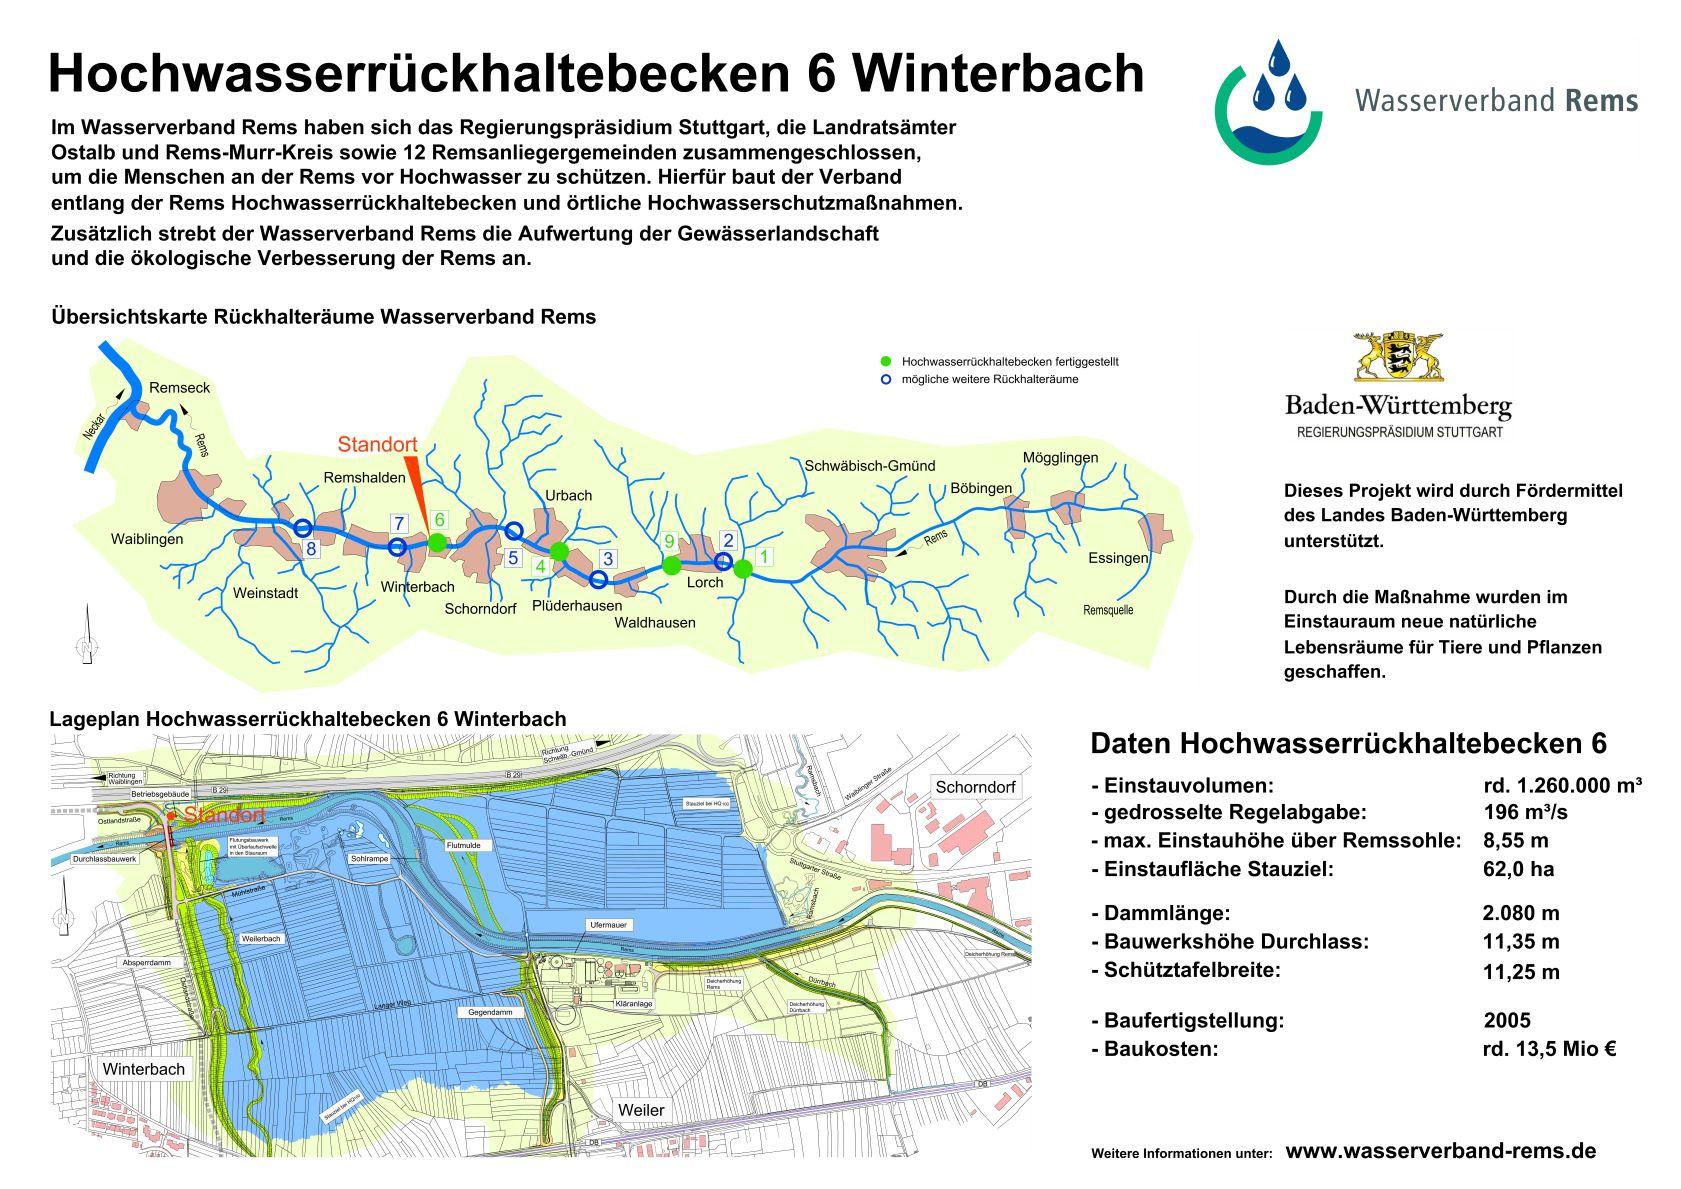 Schorndorf / Winterbach